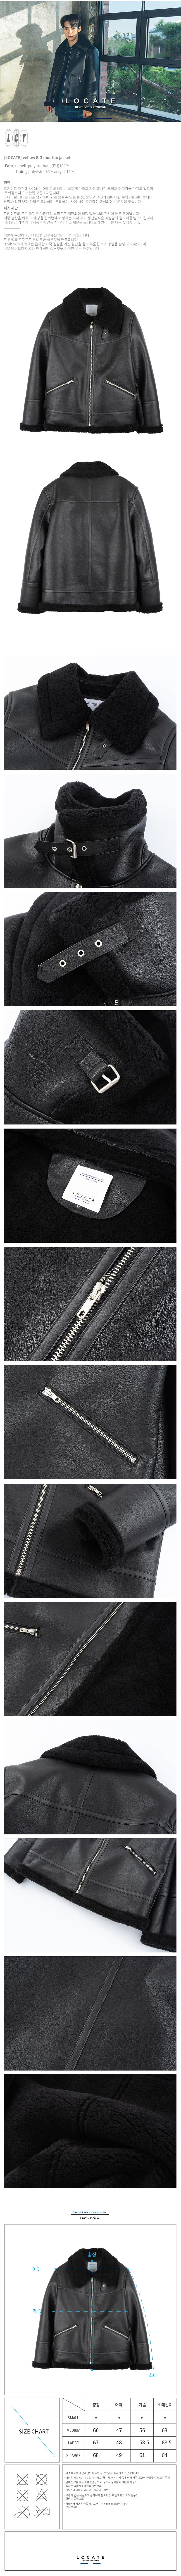 로케이트 벨로우 비쓰리 무톤 자켓 (블랙)